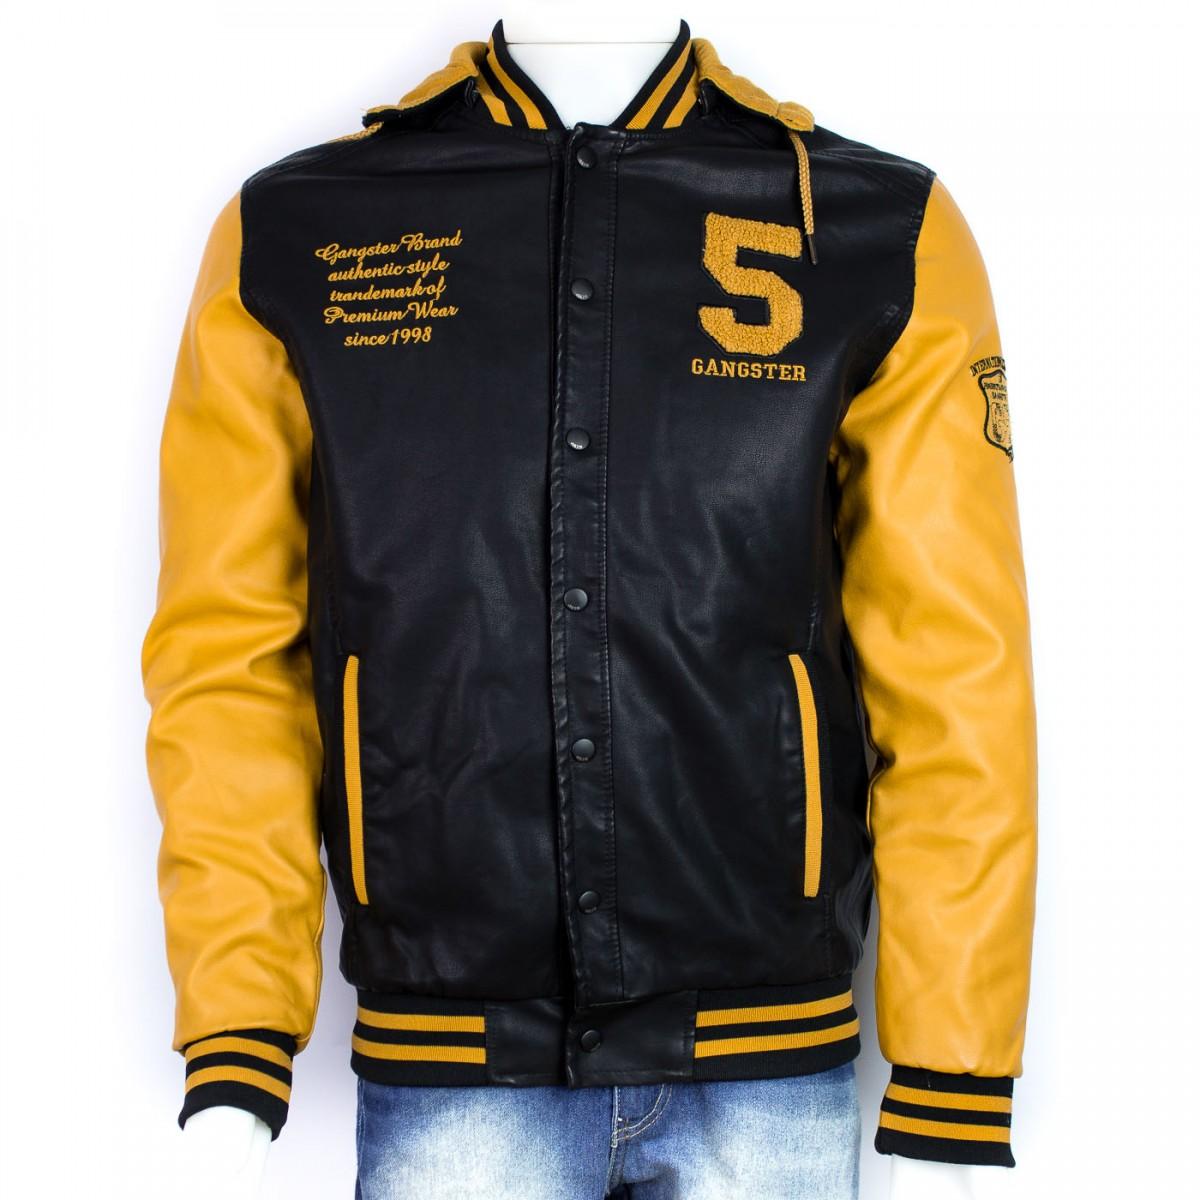 763d46ce9 Bizz Store - Jaqueta College Masculina Gangster Preta Couro